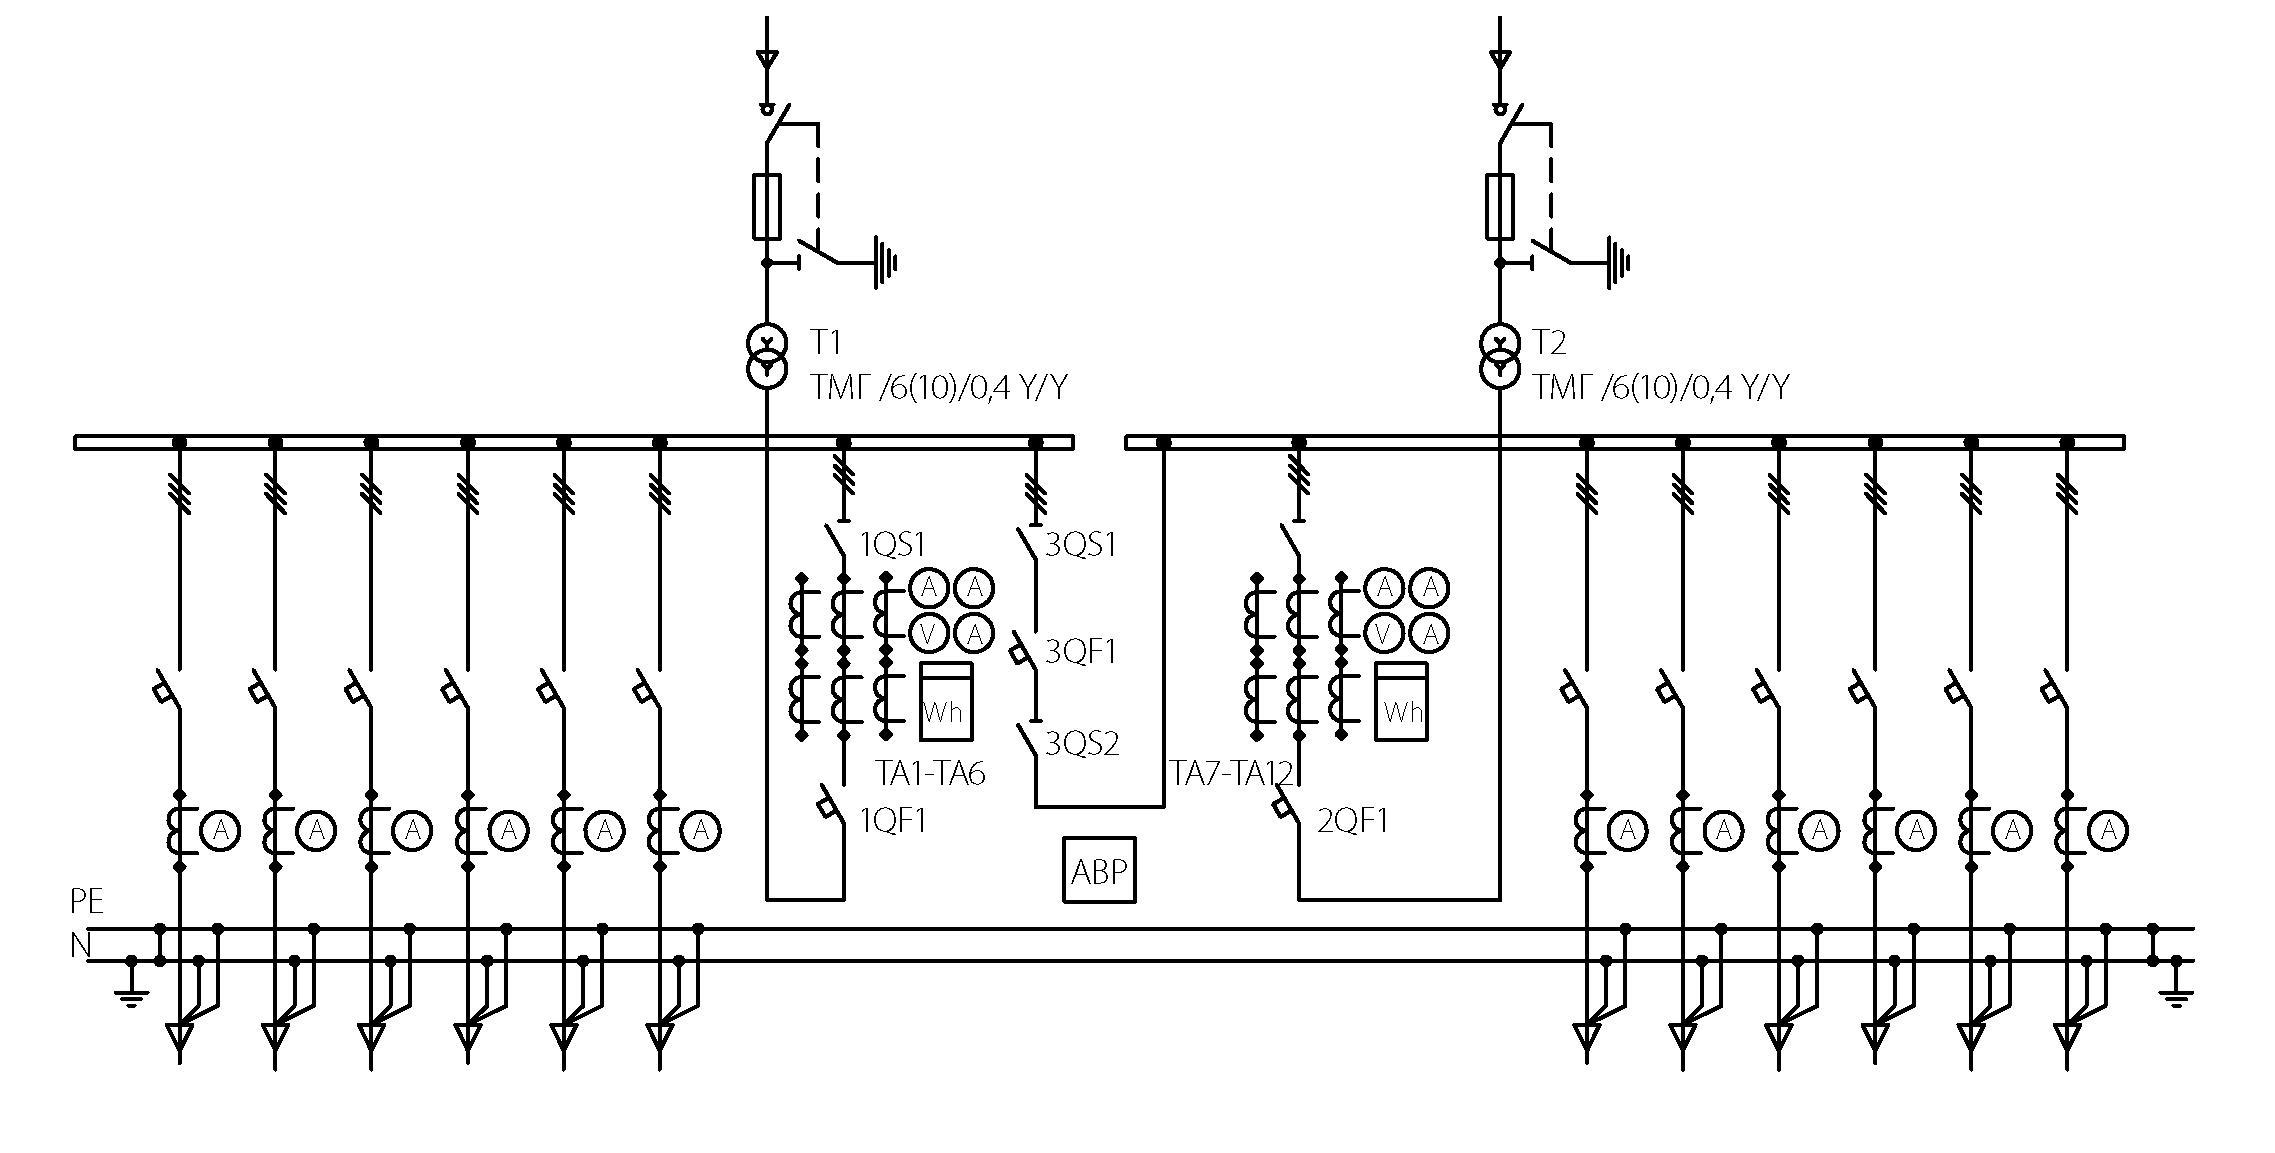 принципиальная электрическая линейная схема завода